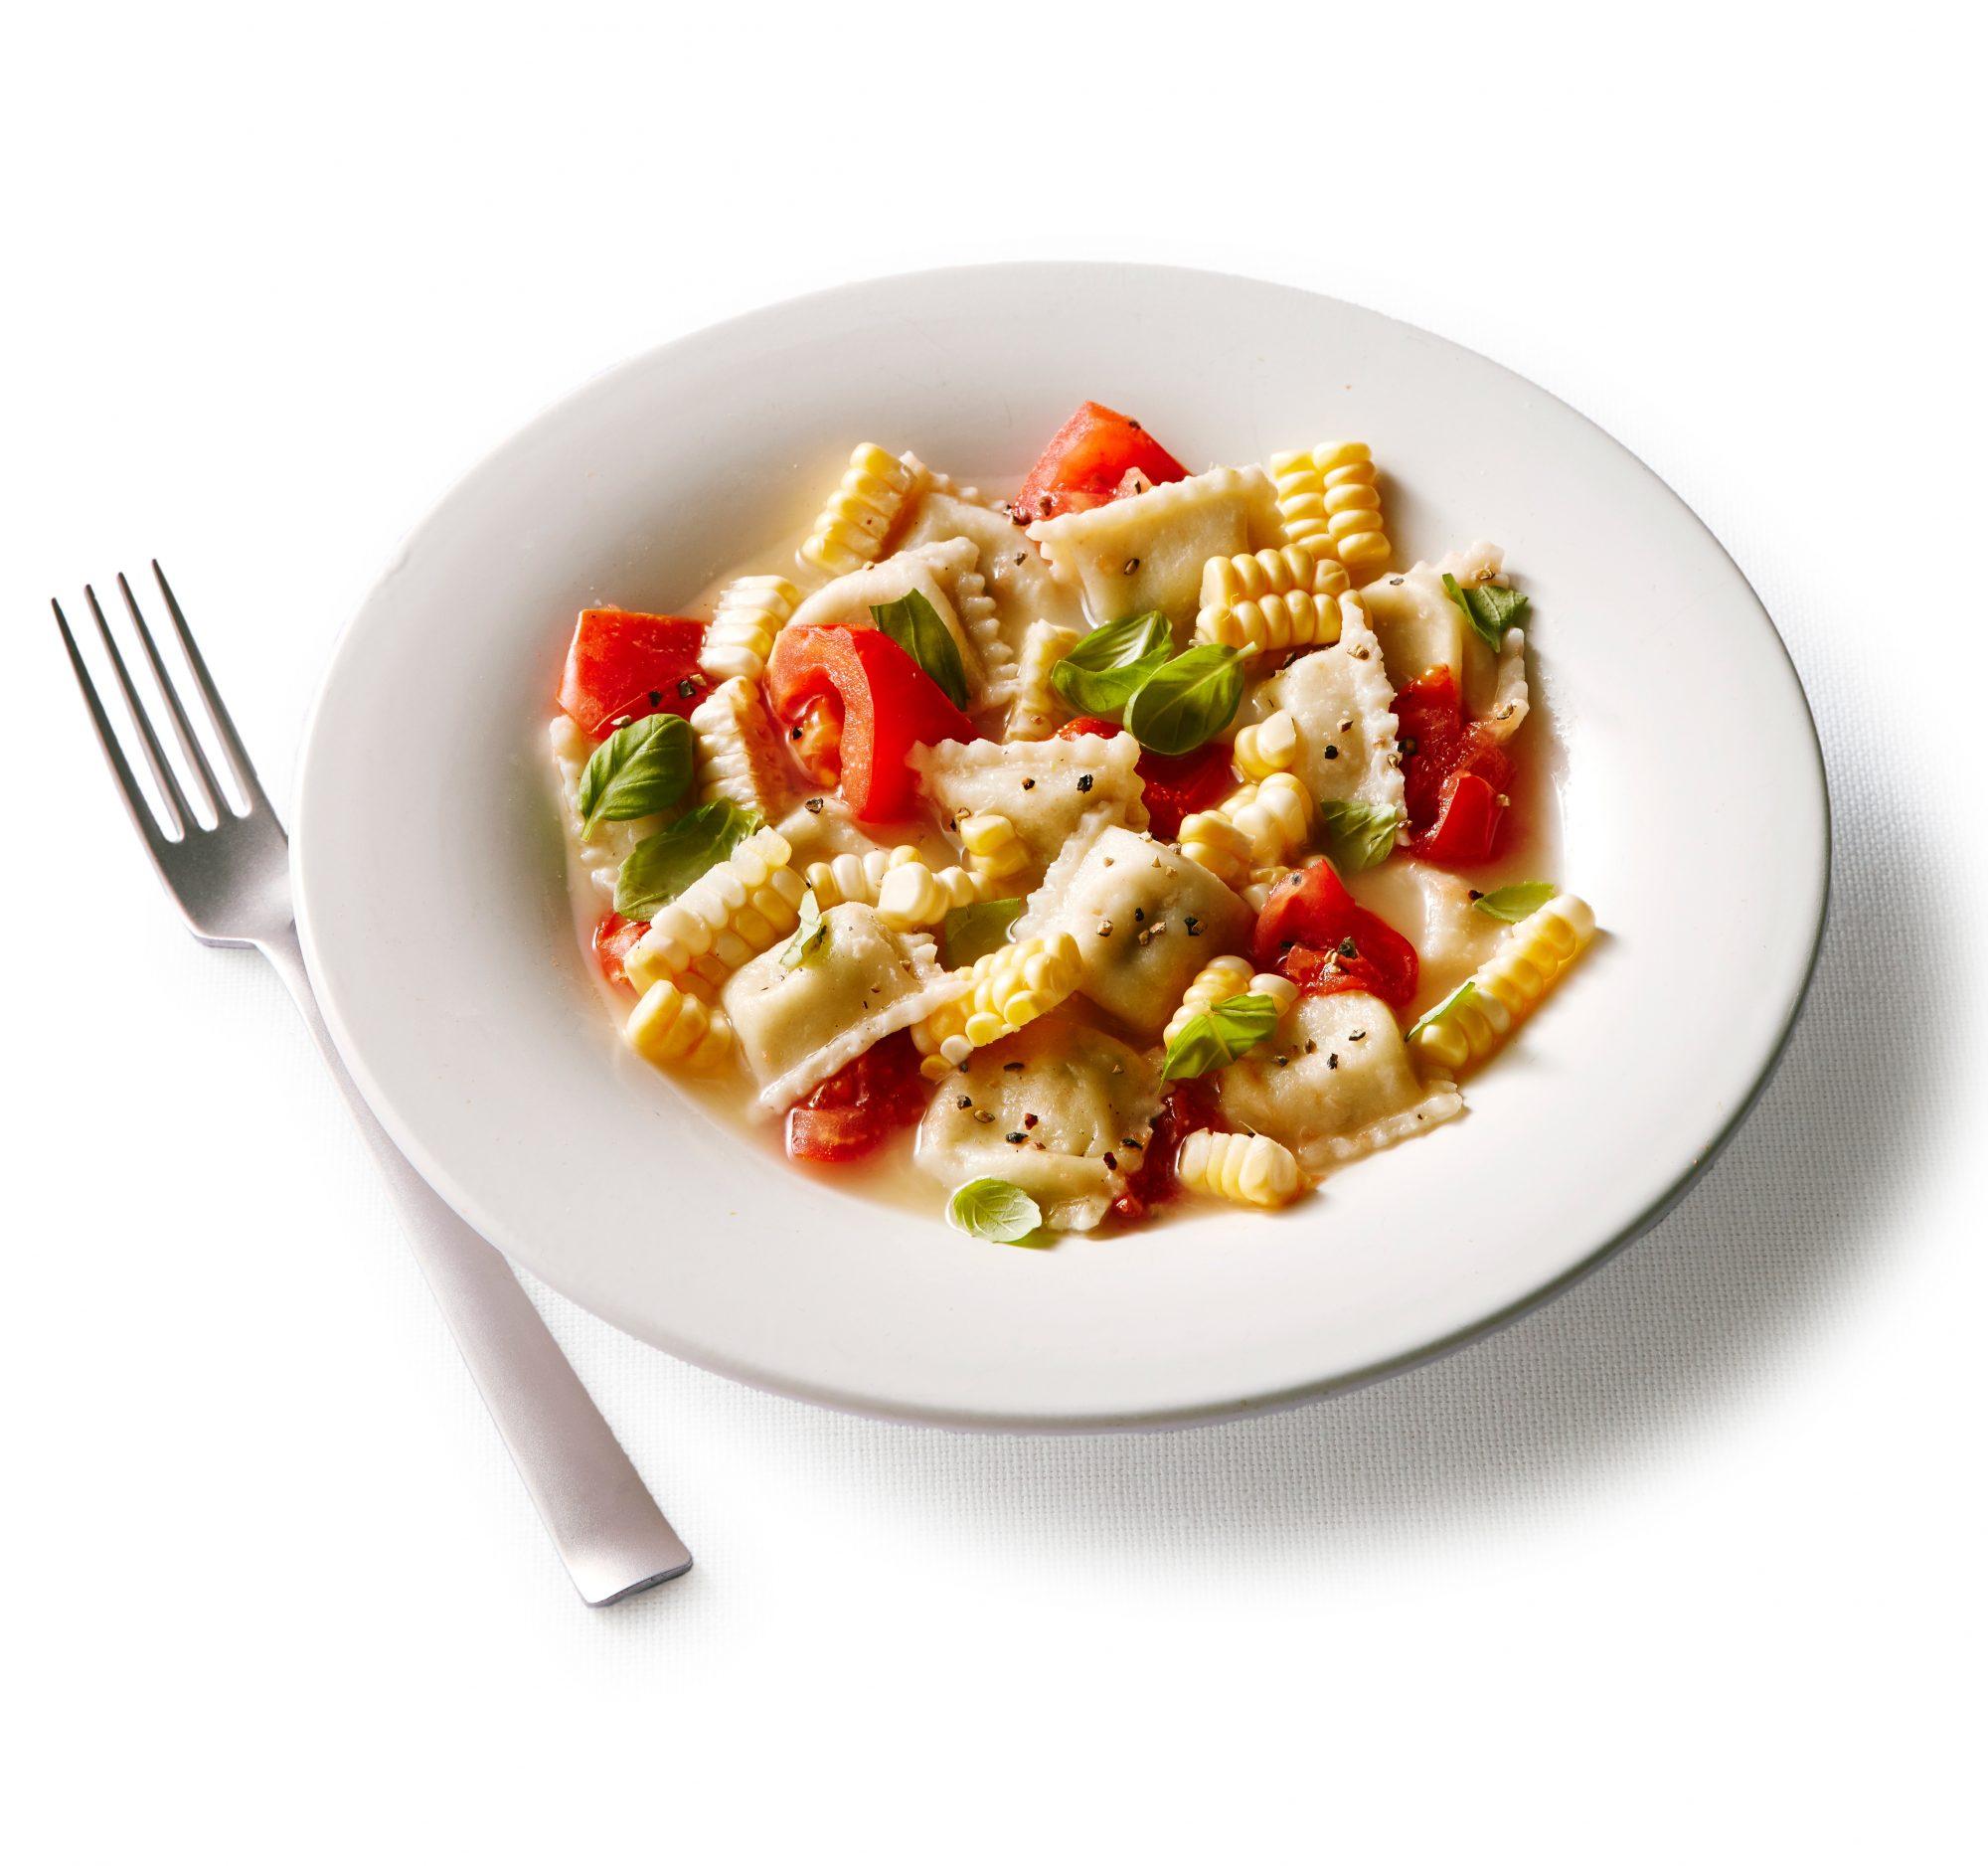 Ravioli with Corn and Tomatoes